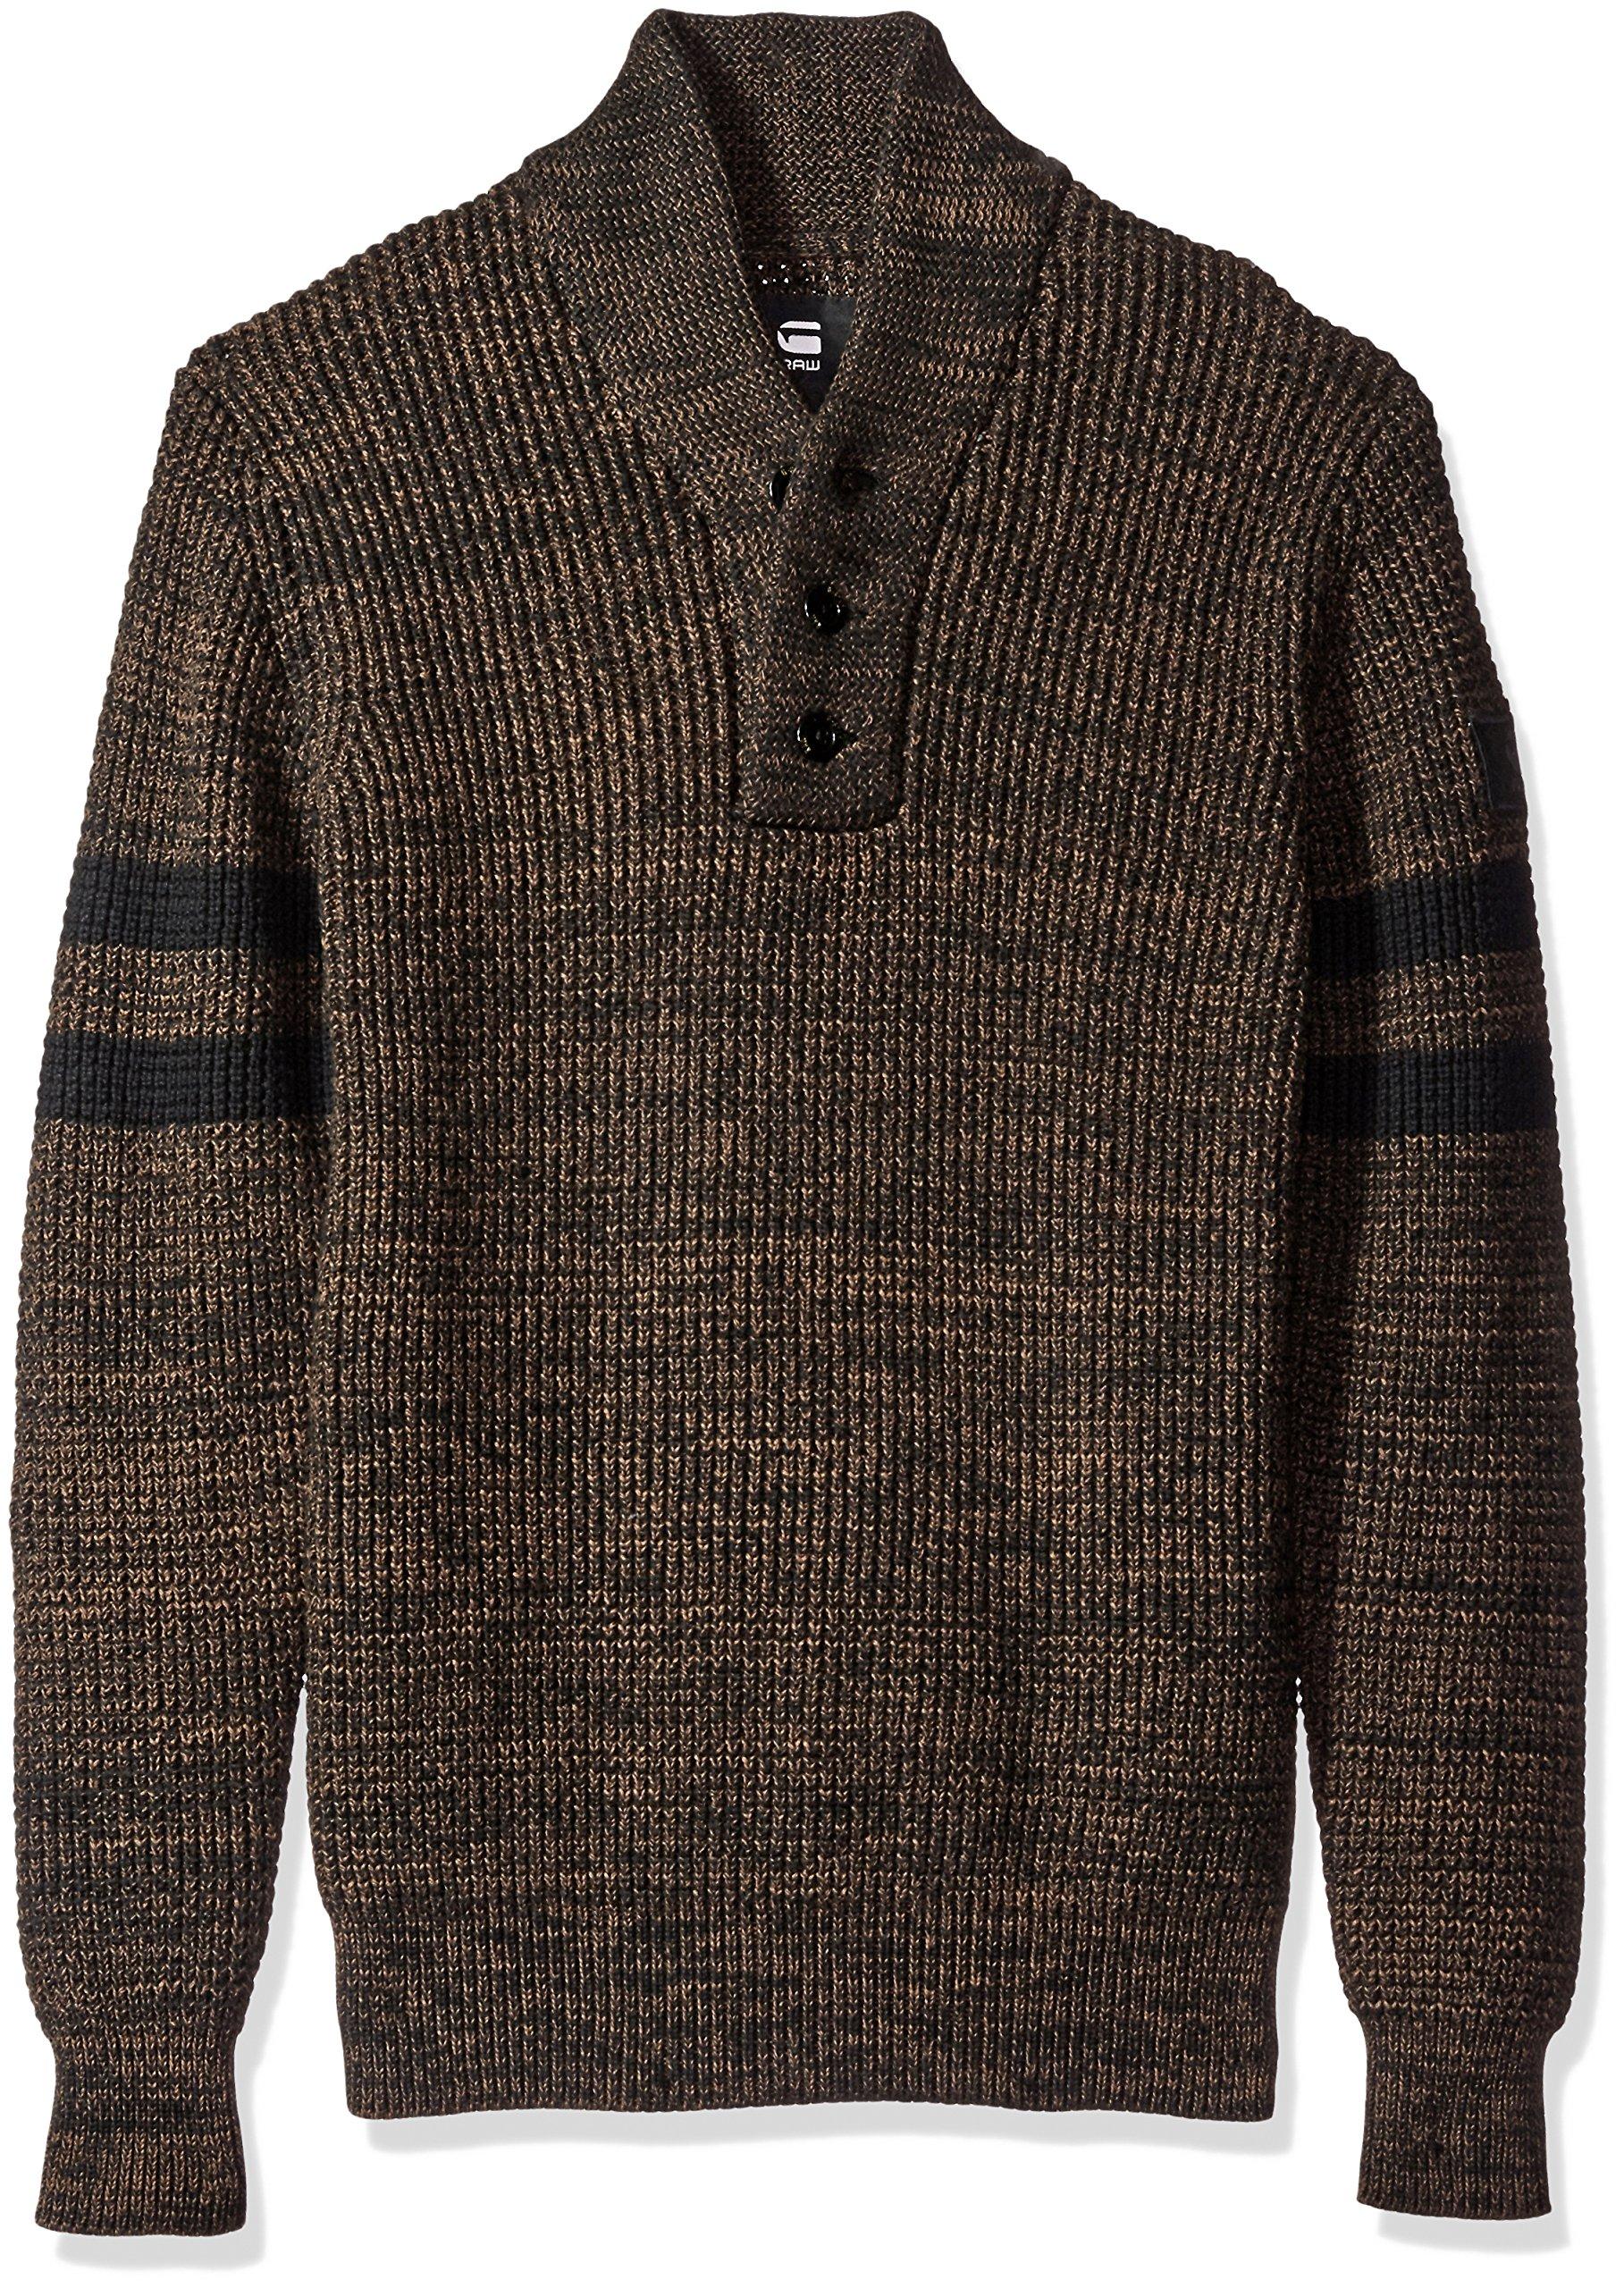 G-Star Raw Men's Dadin Sport Shawl Collar Sweater, Dark Black/Dark Bison, Small